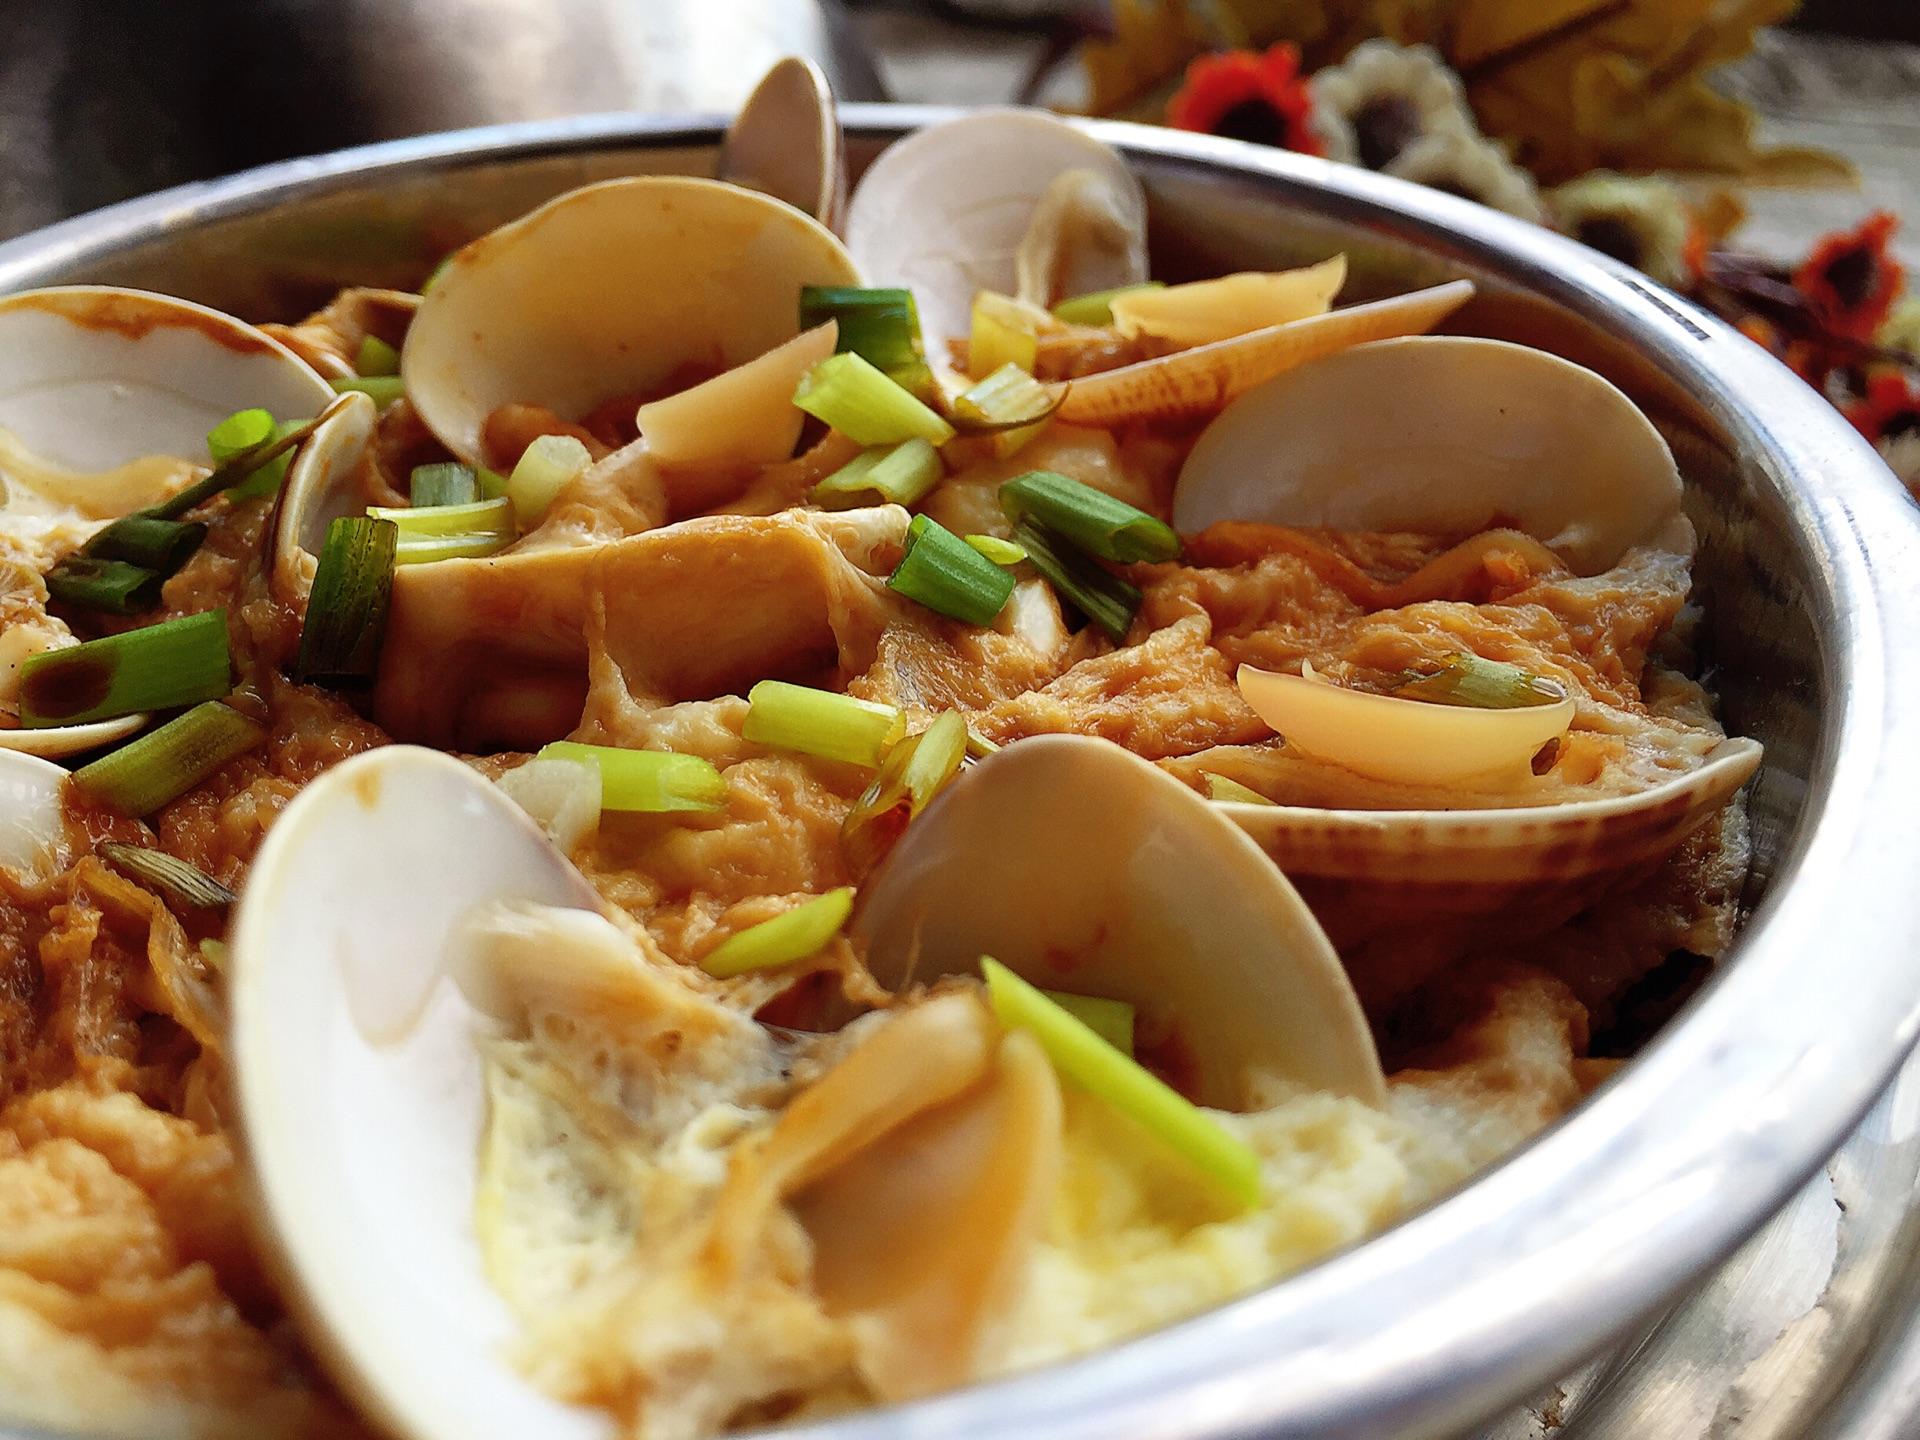 文蛤蒸蛋怎么做_文蛤蒸蛋的做法_菜谱_豆果美食